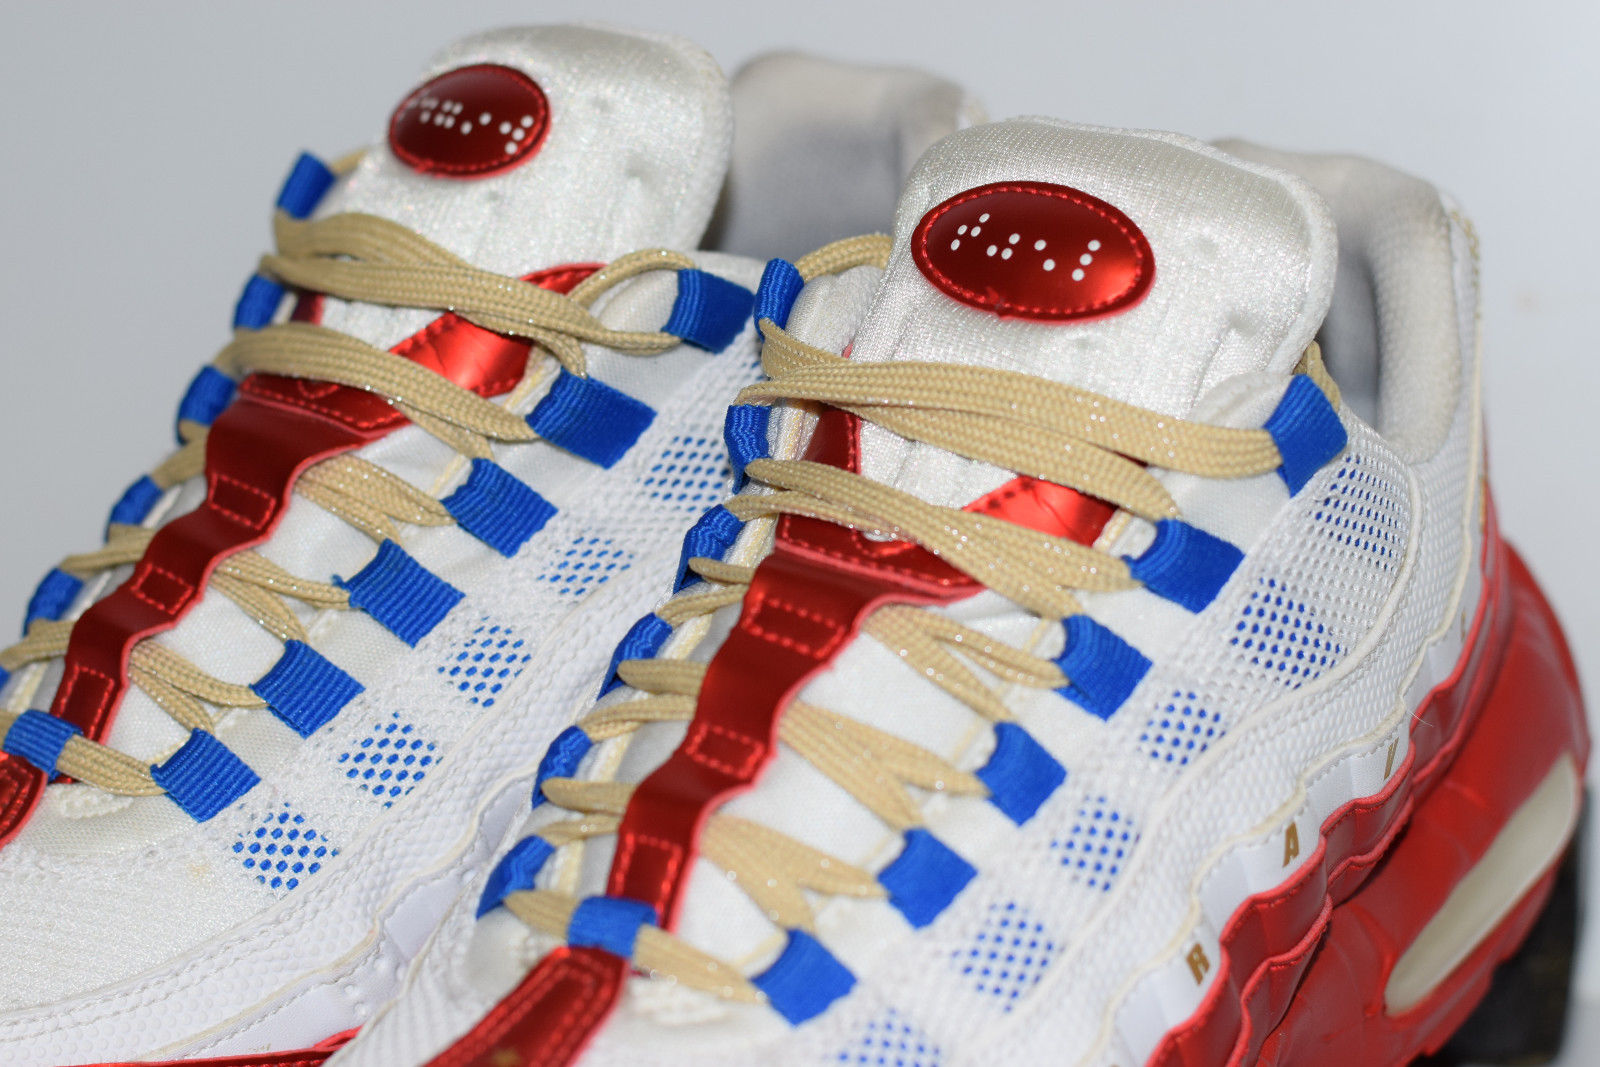 online store d8ba5 e835a Size 8 | 2011 Nike Air Max 95 Doernbecher Daniel Blair 507450-180 on ...